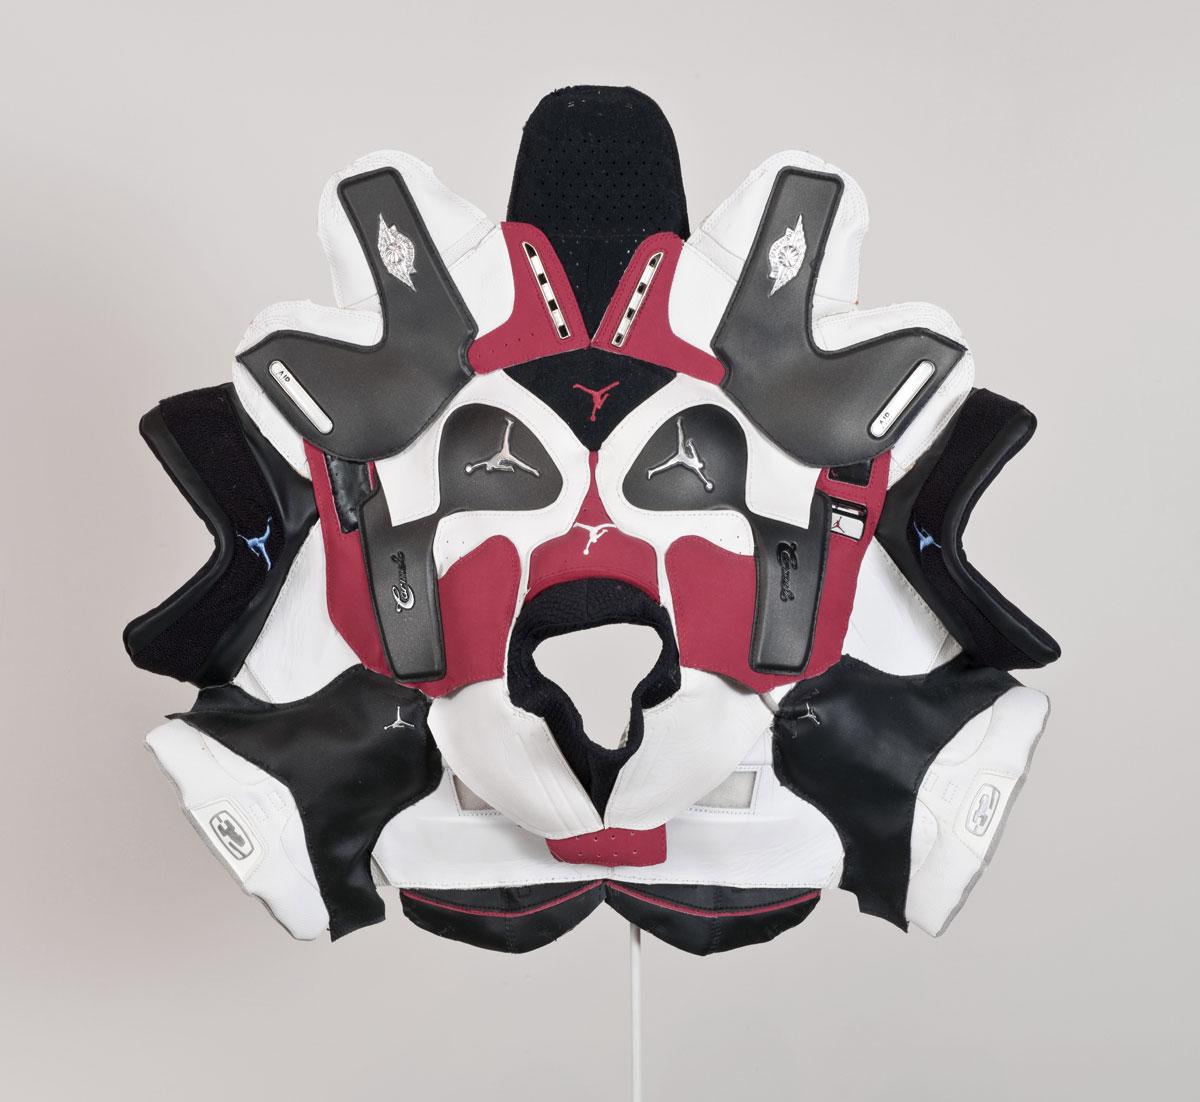 brian jungen masque air jordan - Brian Jungen fait de vos sneakers préférées des masques traditionnels